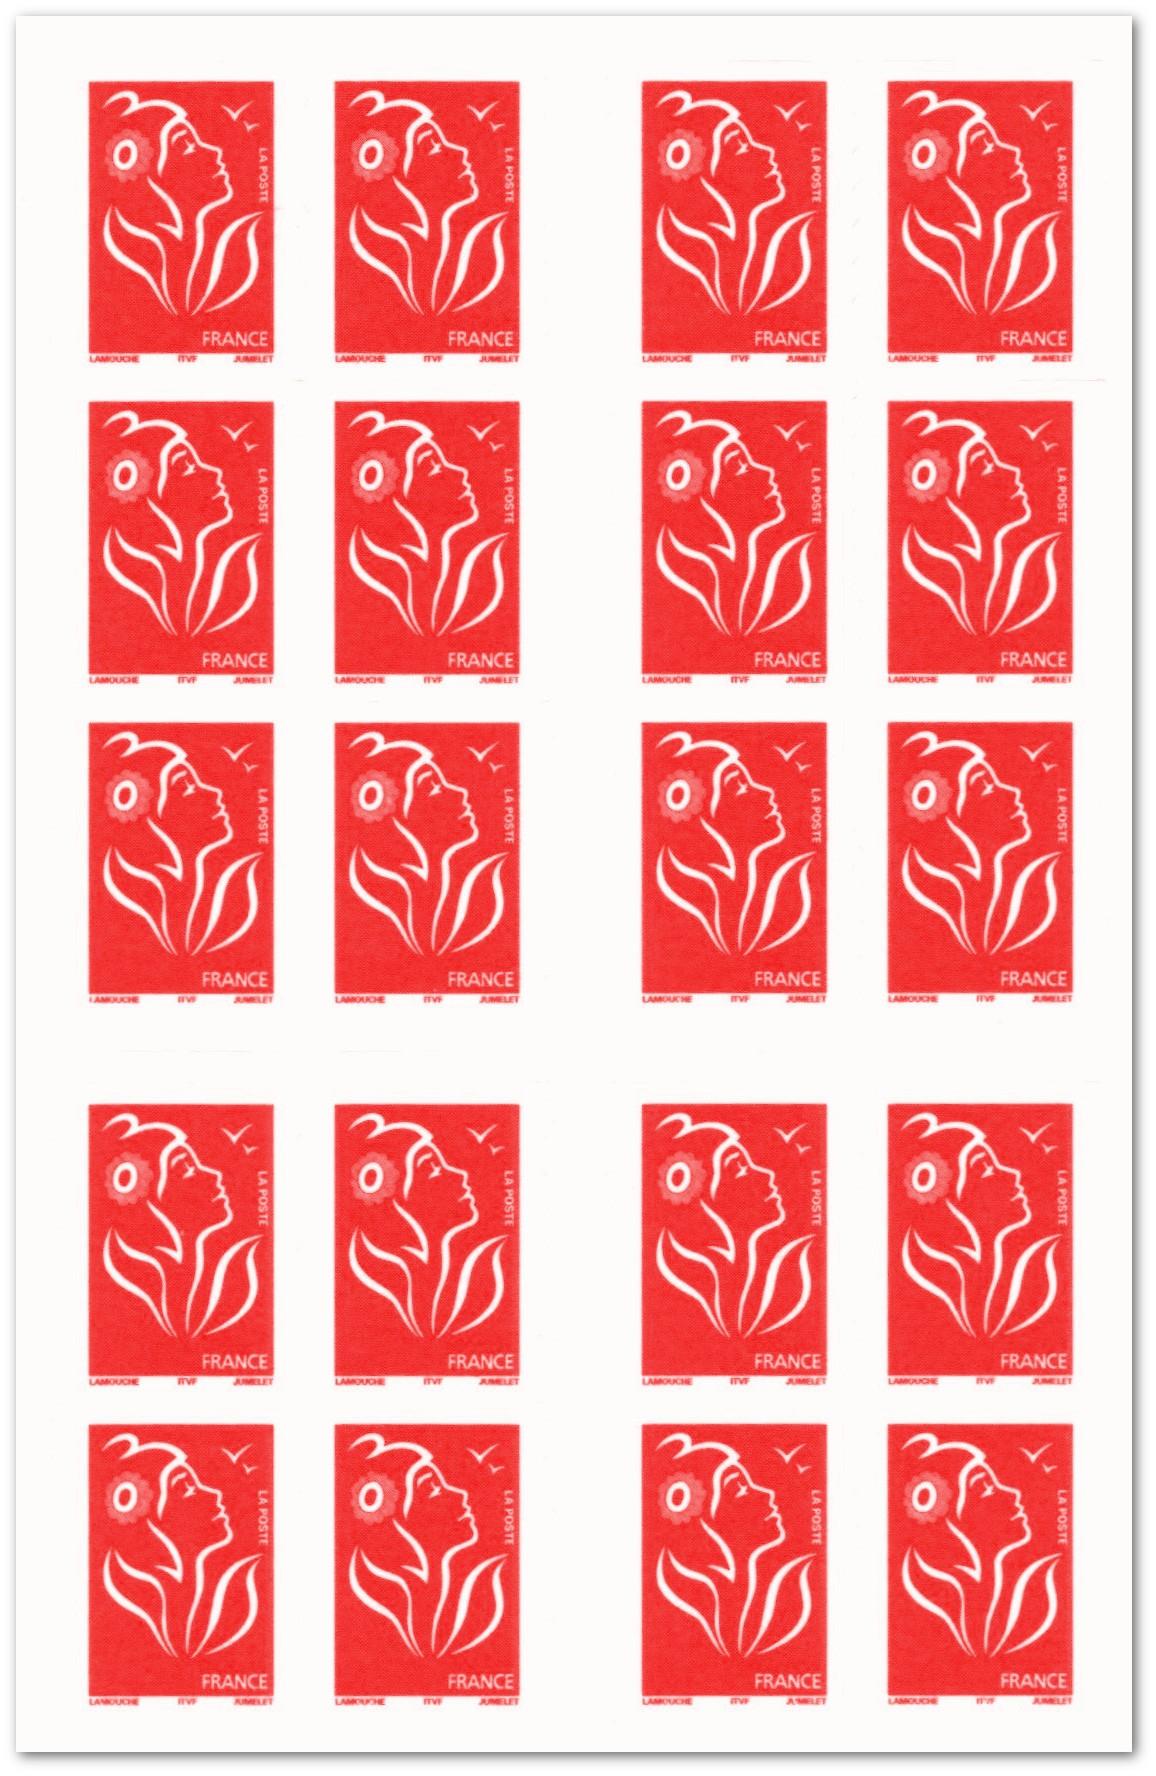 CARNET MARIANNE composé de 20 timbres poste autocollants